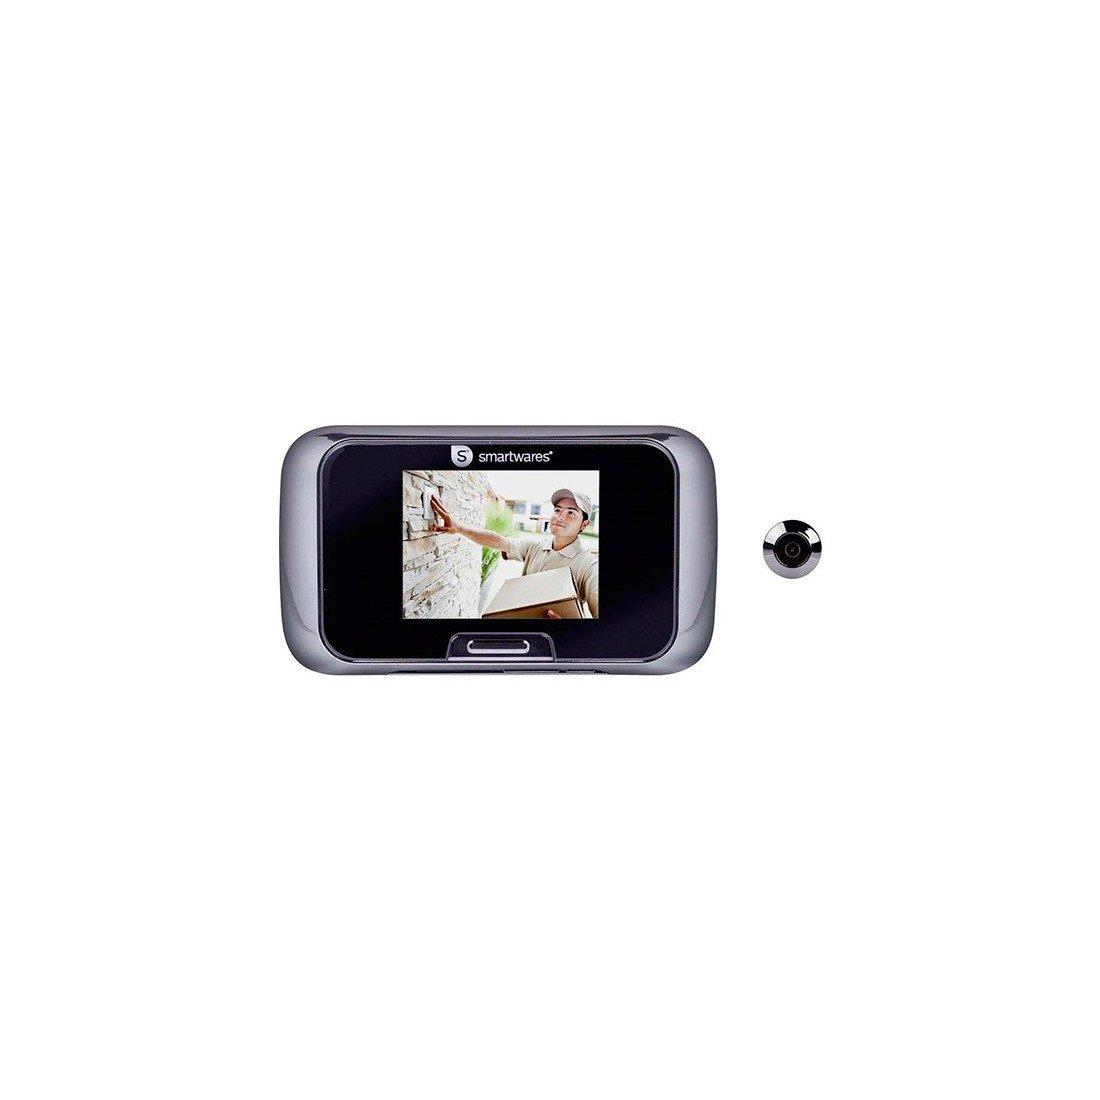 Mirilla Digital con Grabadora Smartwares VD27: Amazon.es: Deportes y aire libre